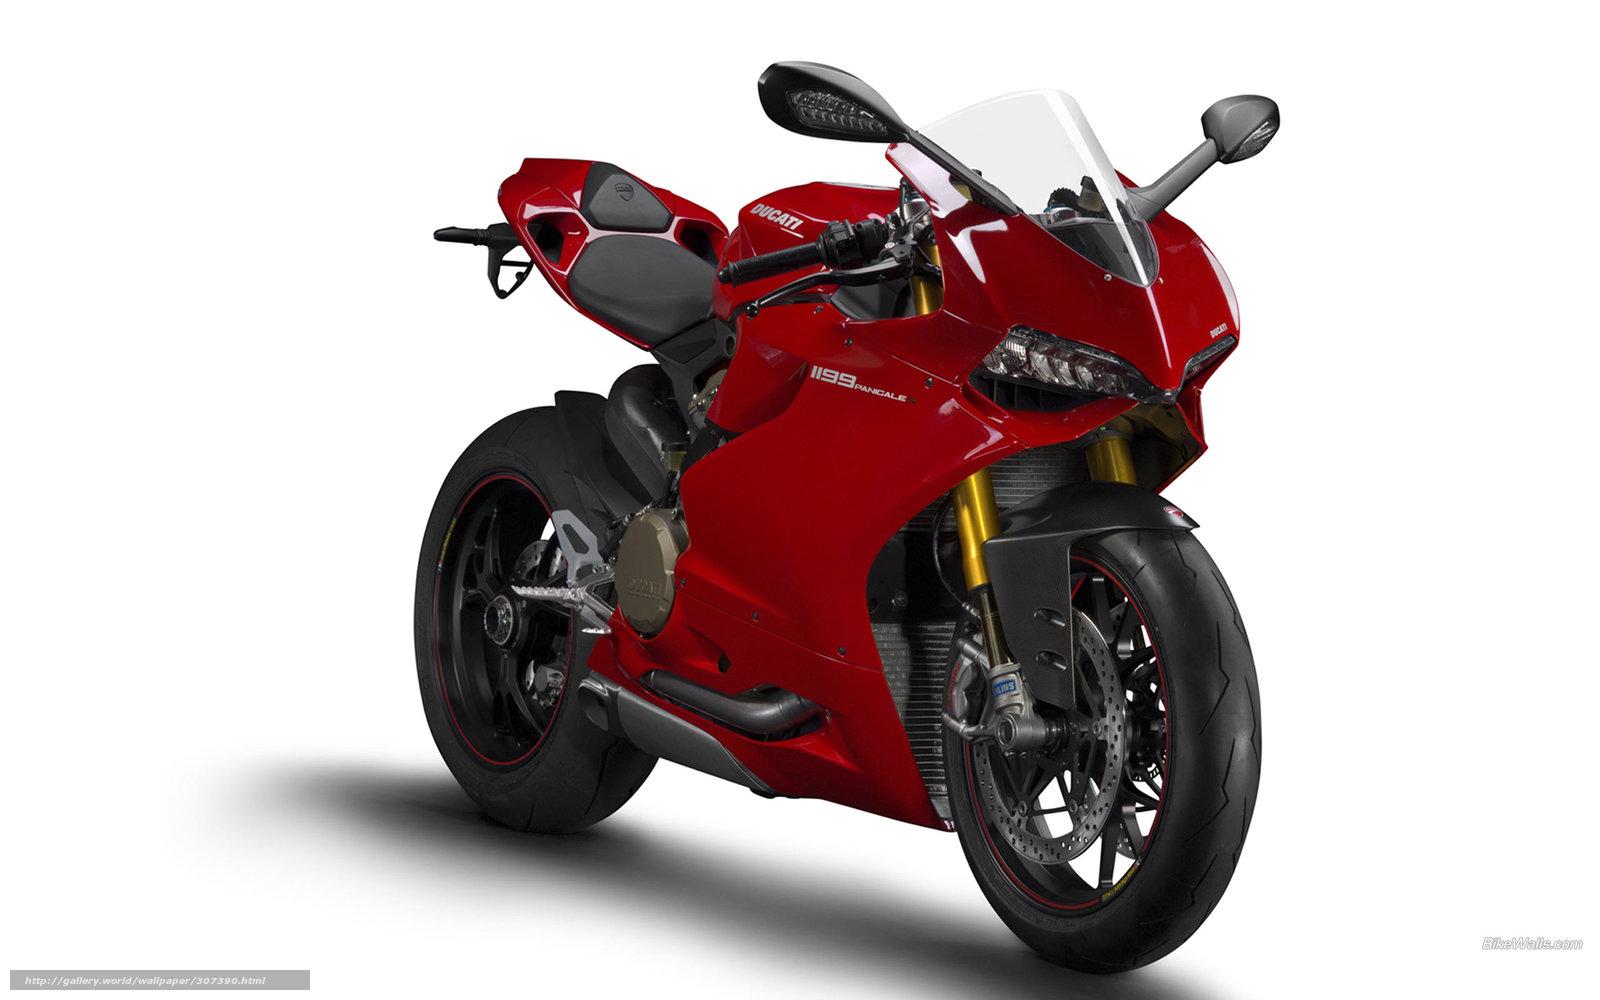 Скачать обои Ducati,  Supersport,  1199 Pangale,  1199 Pangale 2012 бесплатно для рабочего стола в разрешении 2560x1600 — картинка №307390